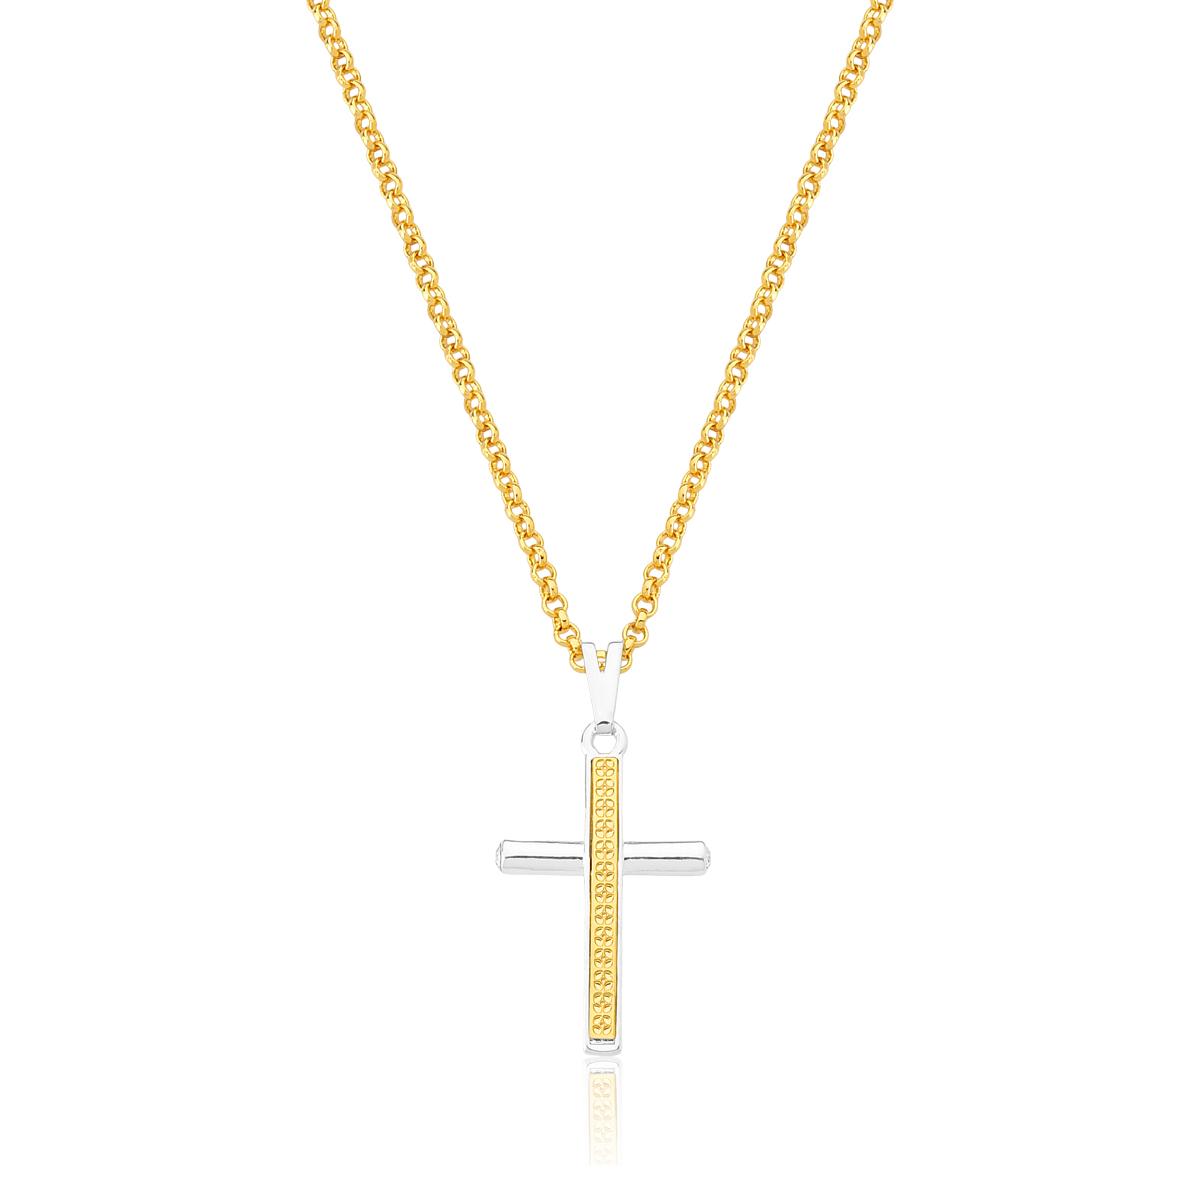 Colar Cross Revestido em Ouro e Prata